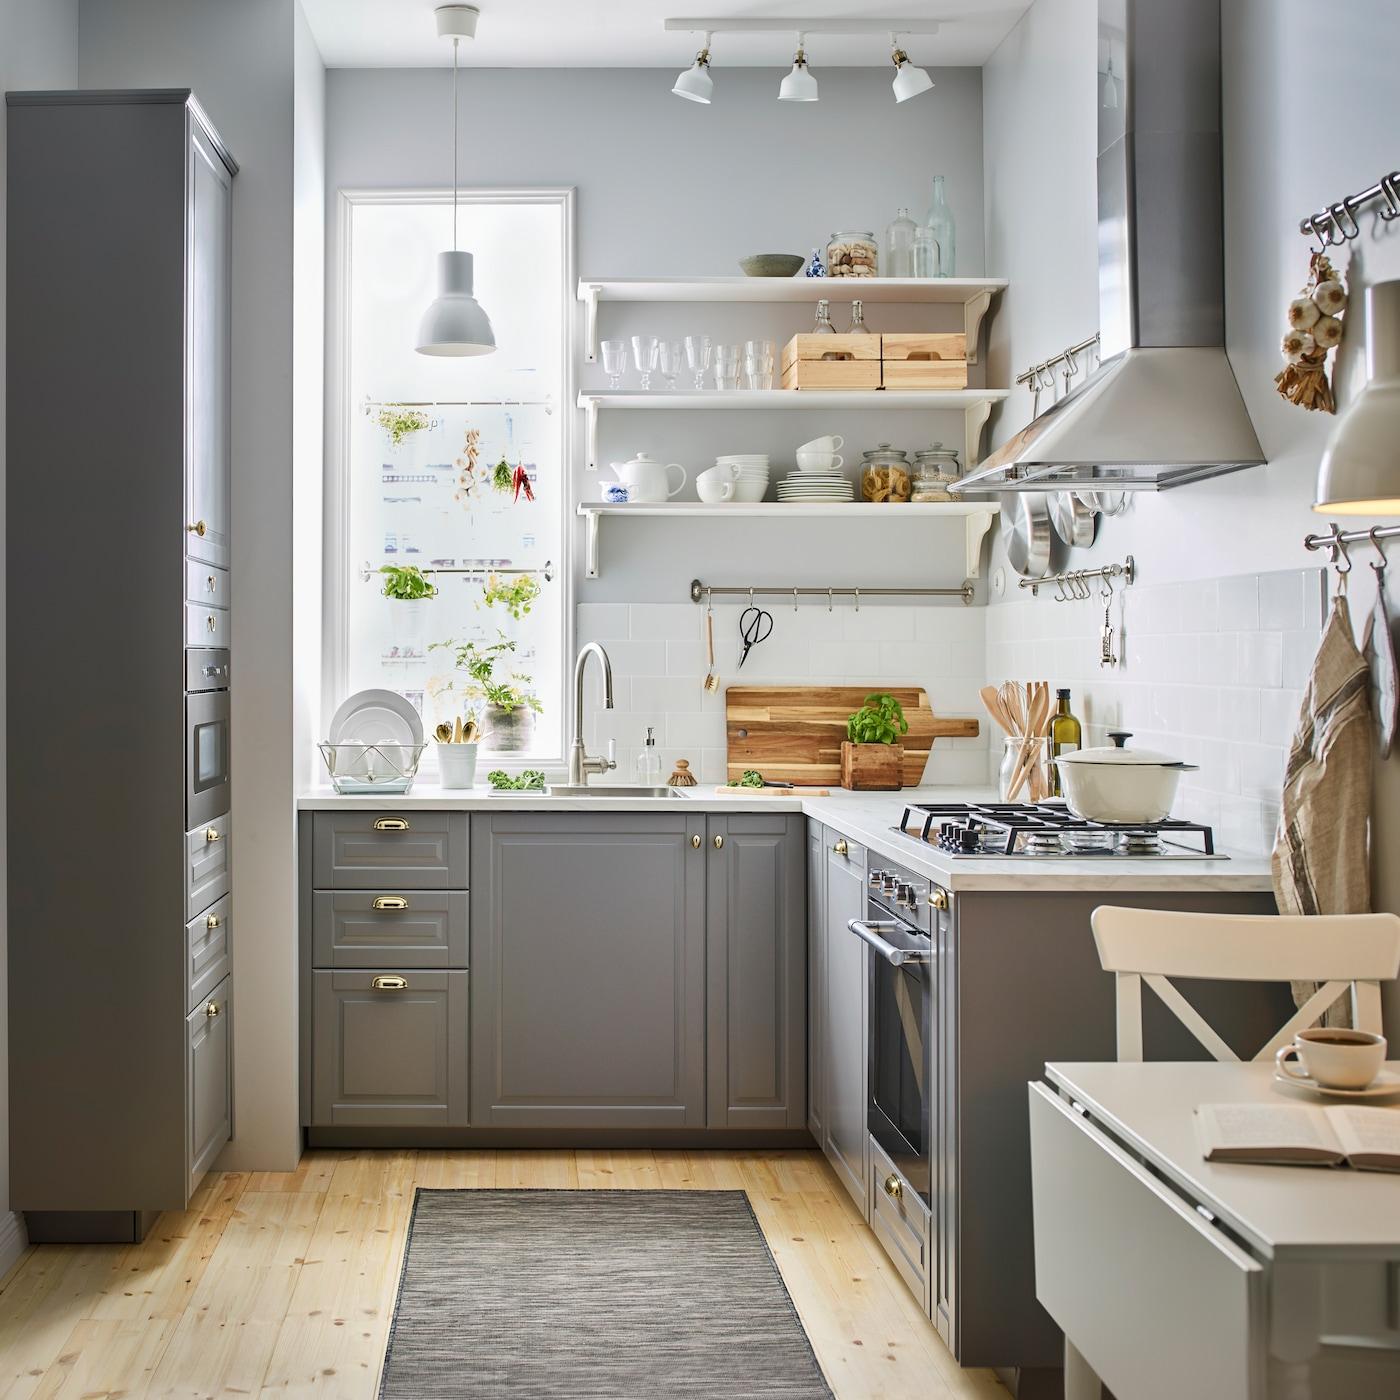 Kompakte Küche im klassischen Design - IKEA